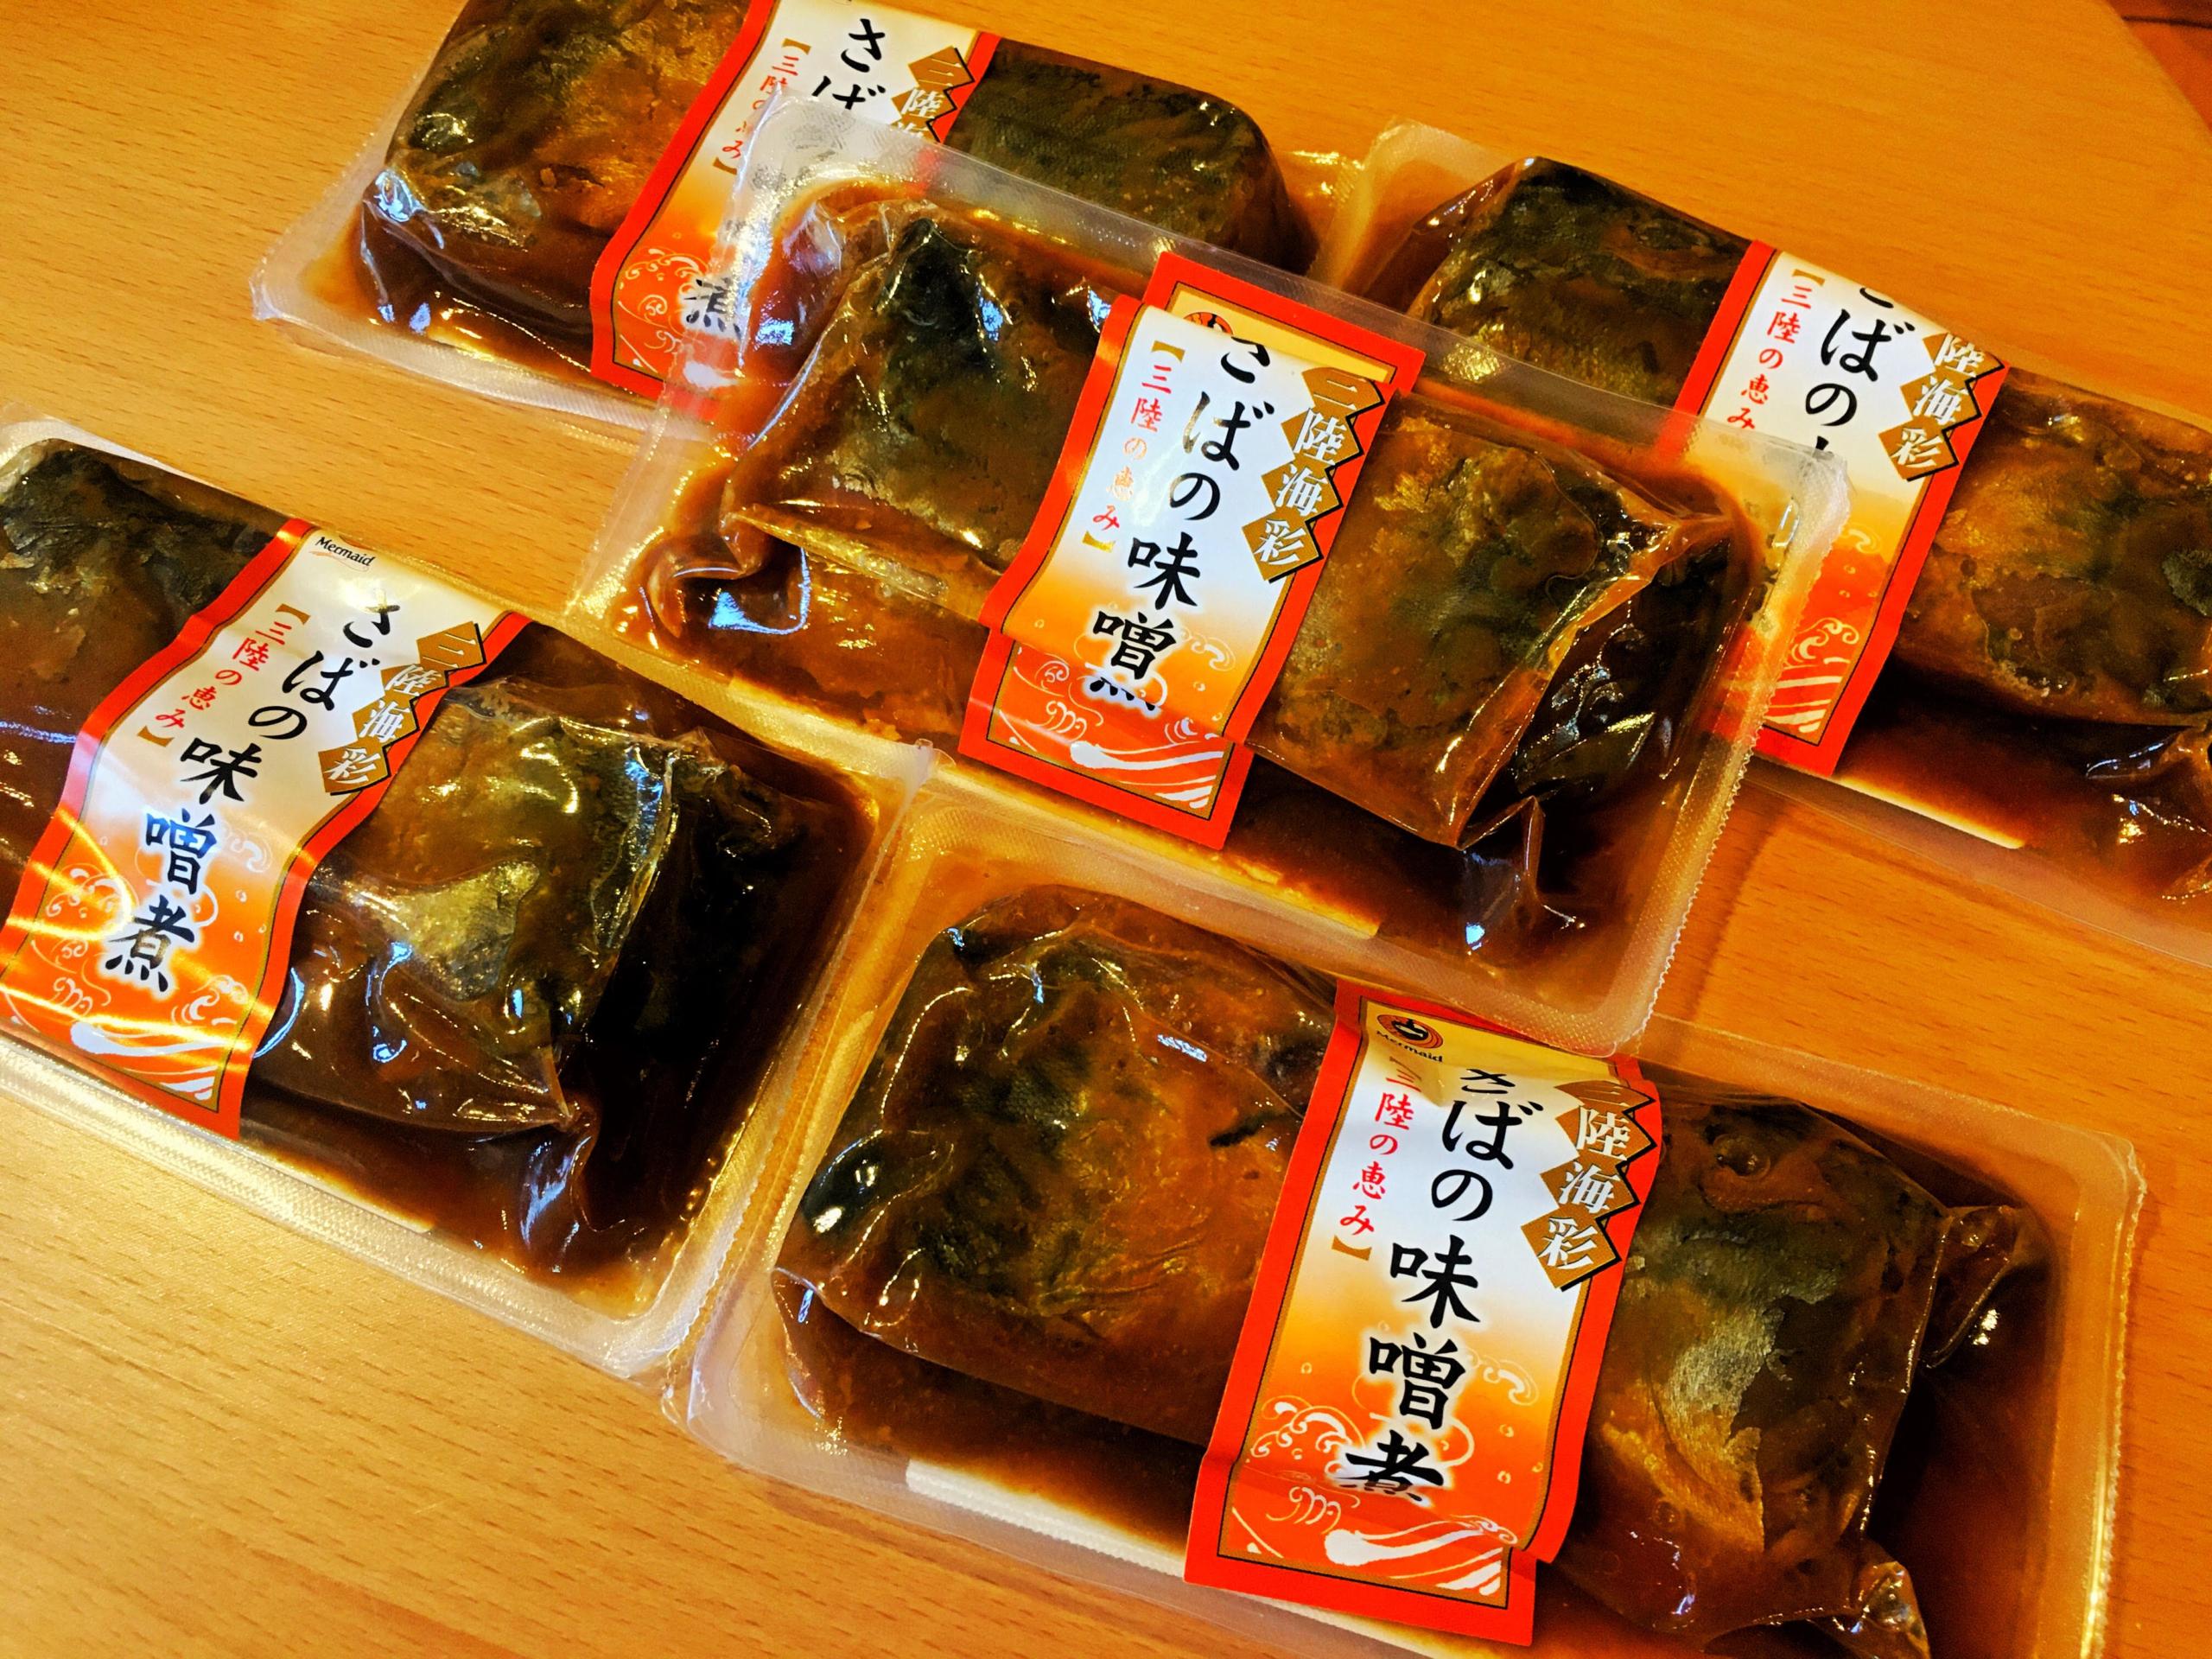 松本市浅間温泉わいわい広場三陸物産コーナーさばの味噌煮